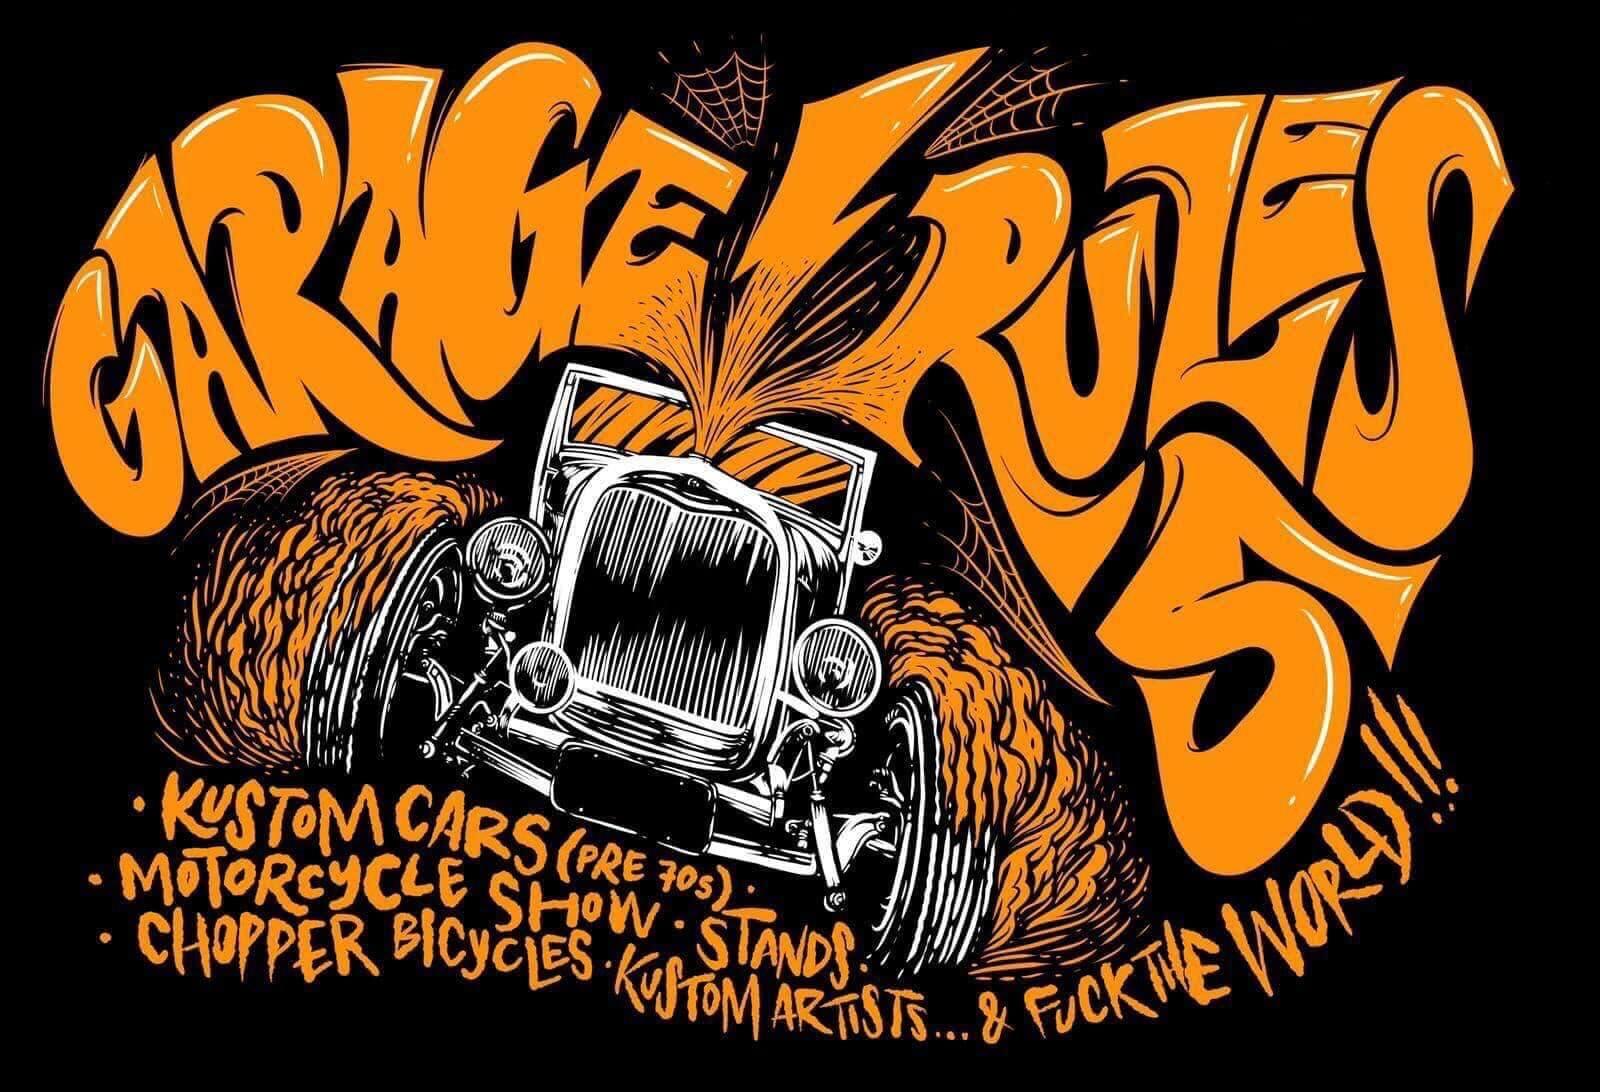 Garage Rules – La Nucia, Alicante